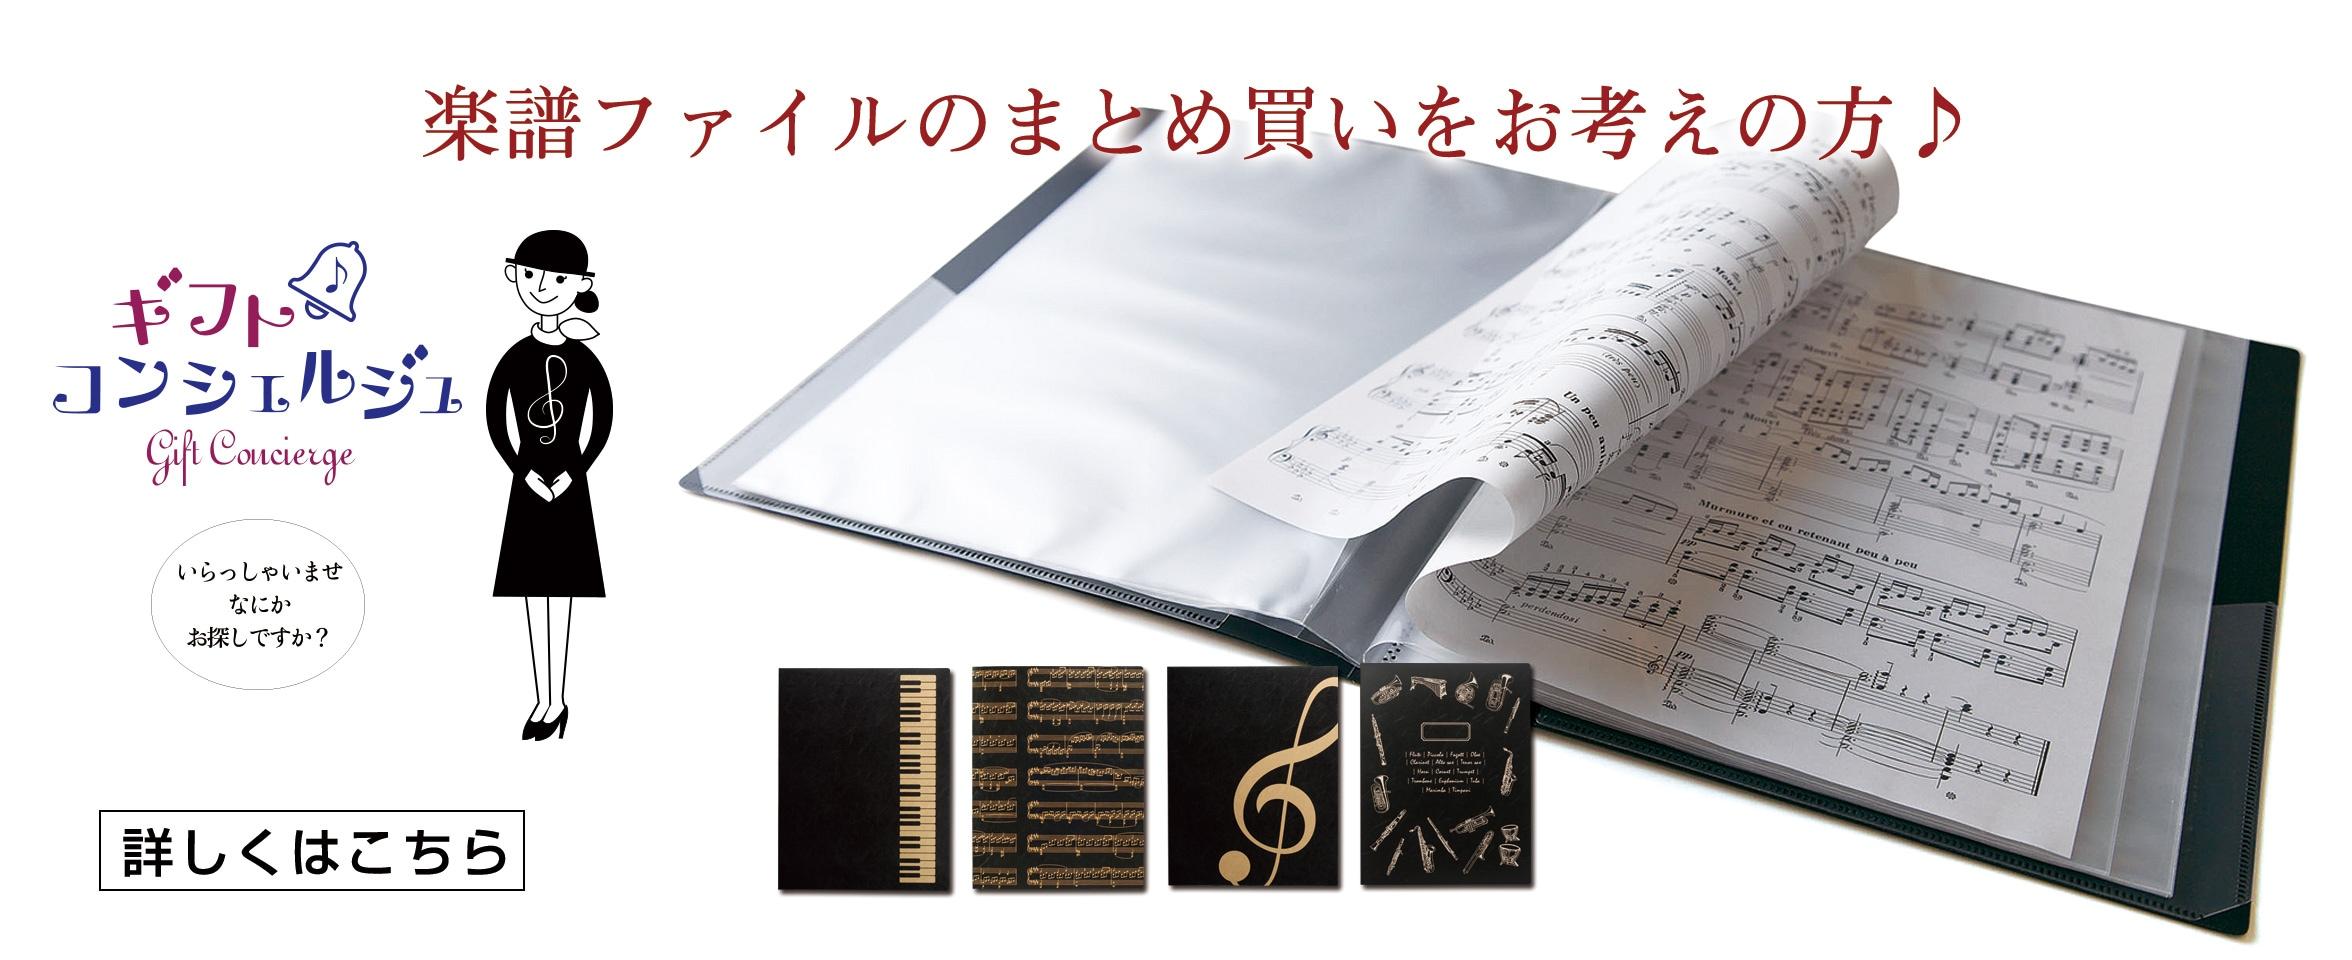 楽譜ファイルのまとめ買い